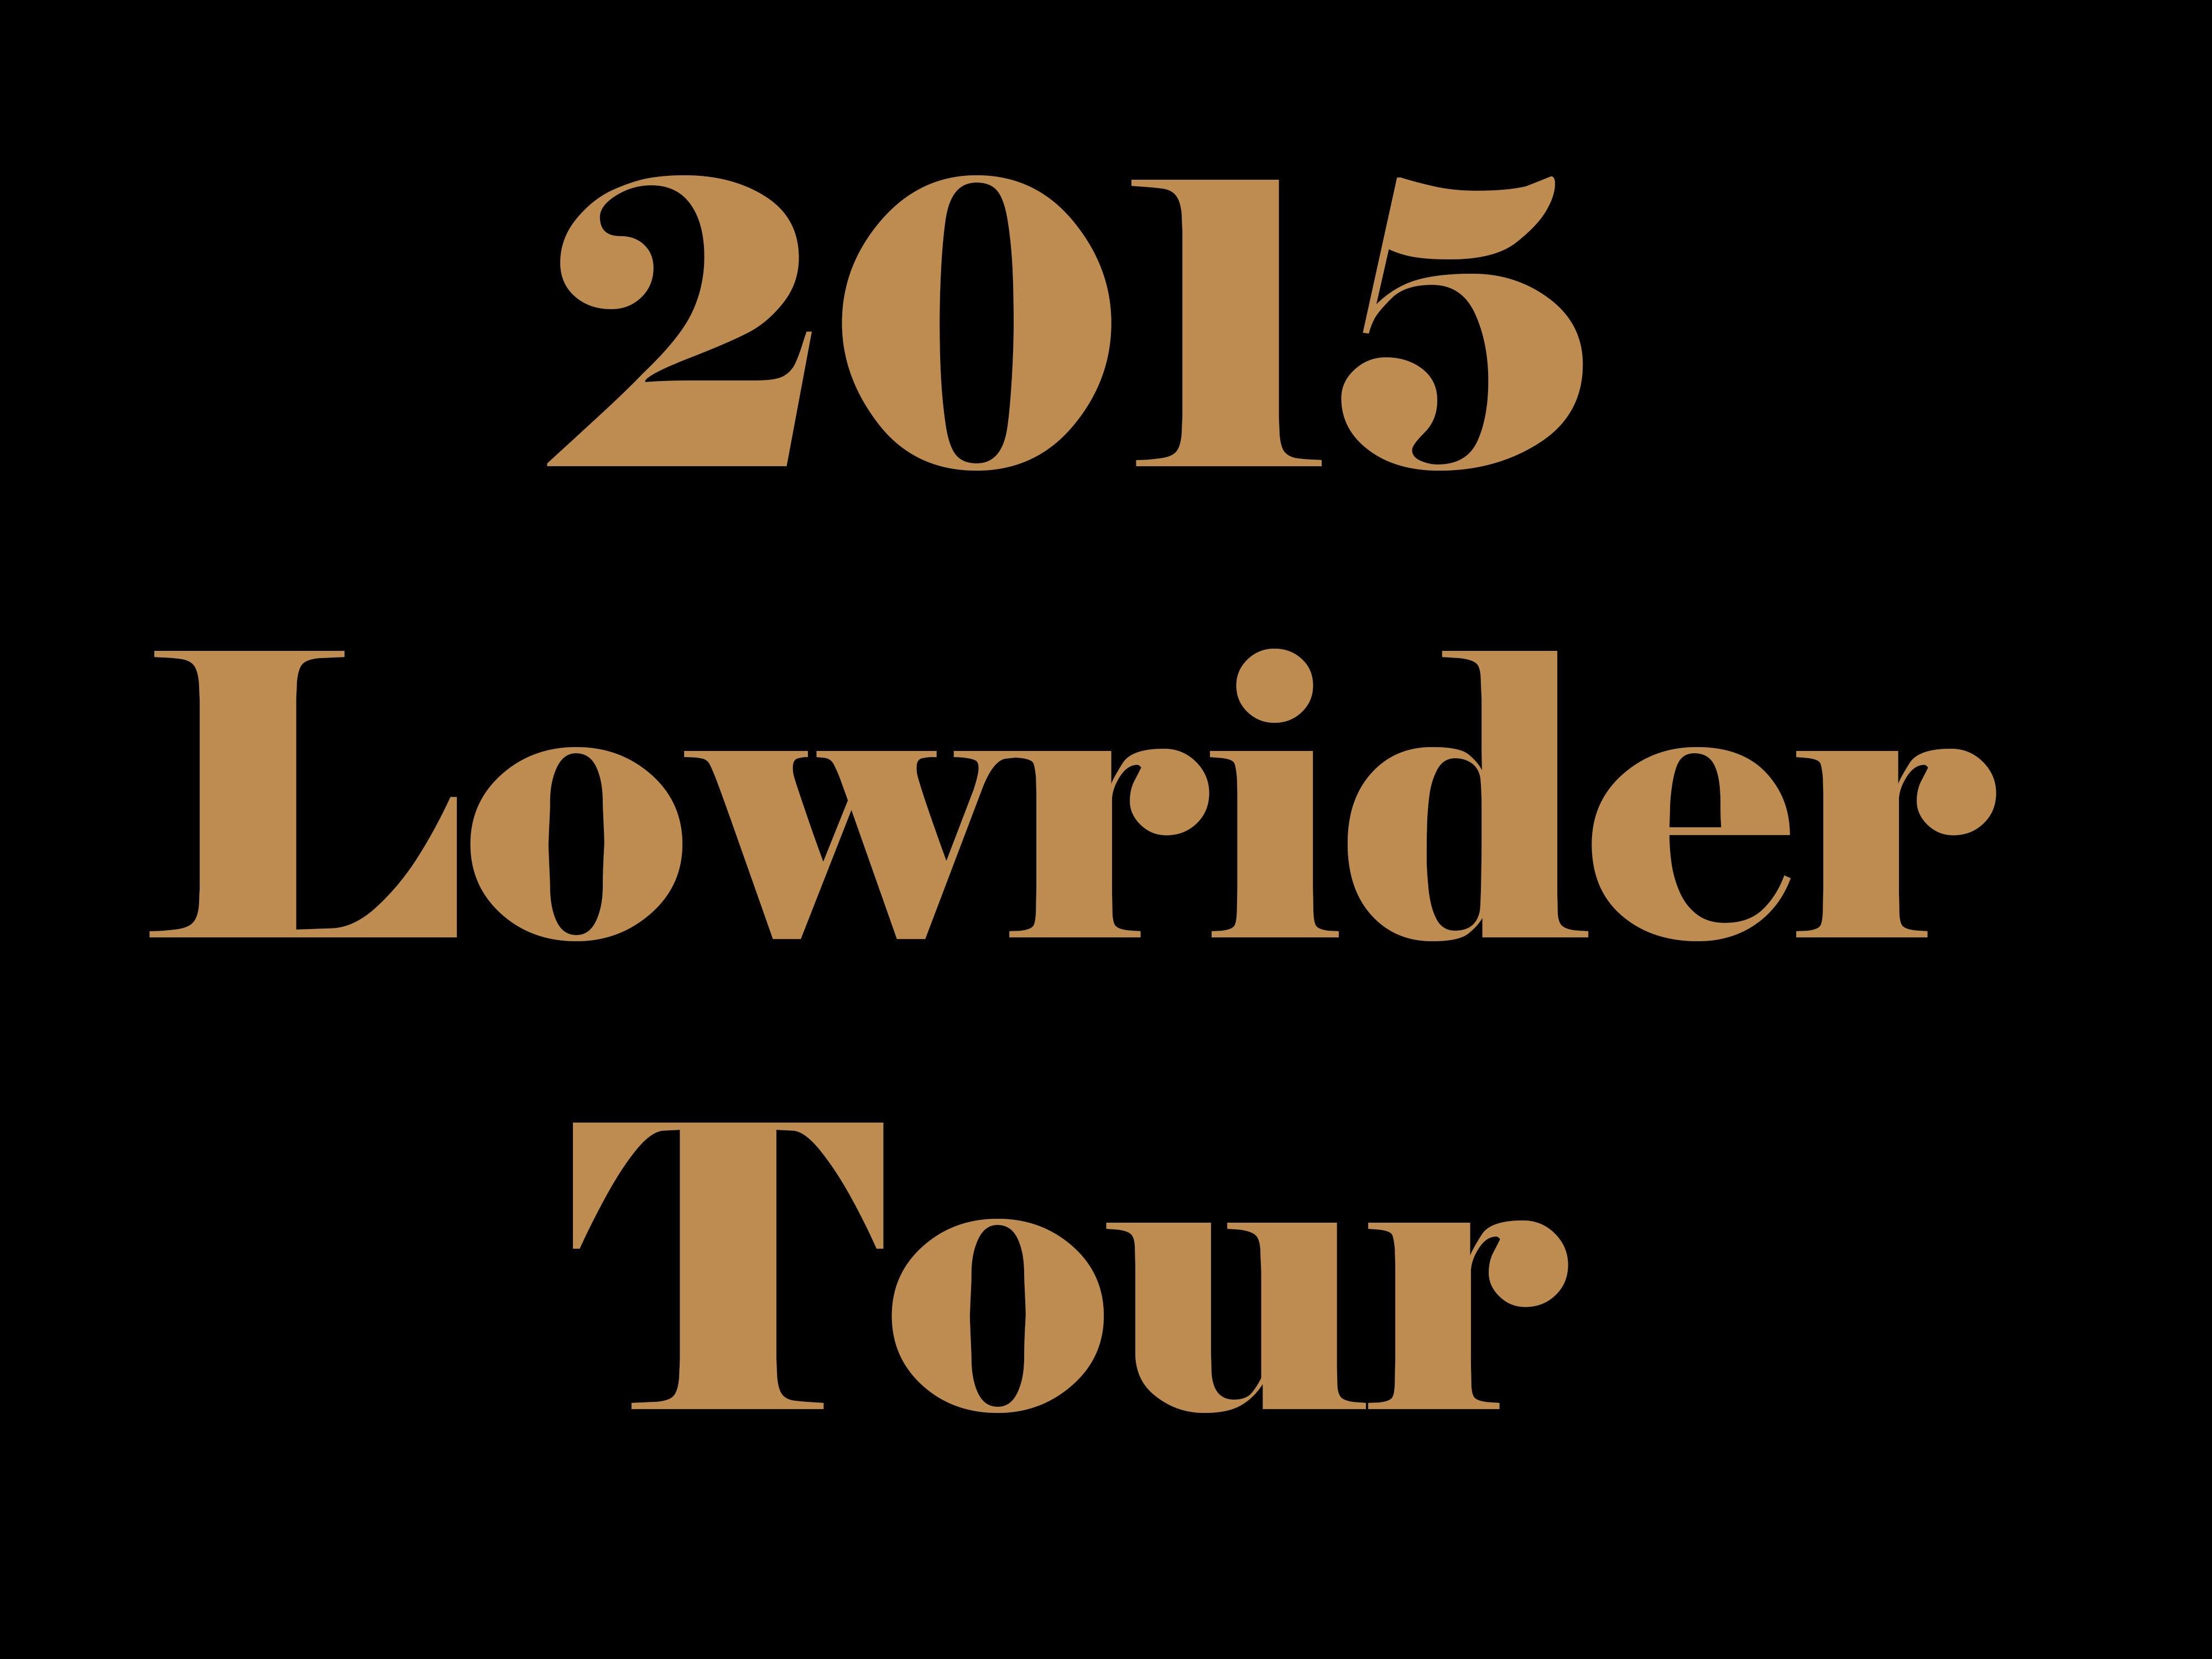 2015-lowrider-tour